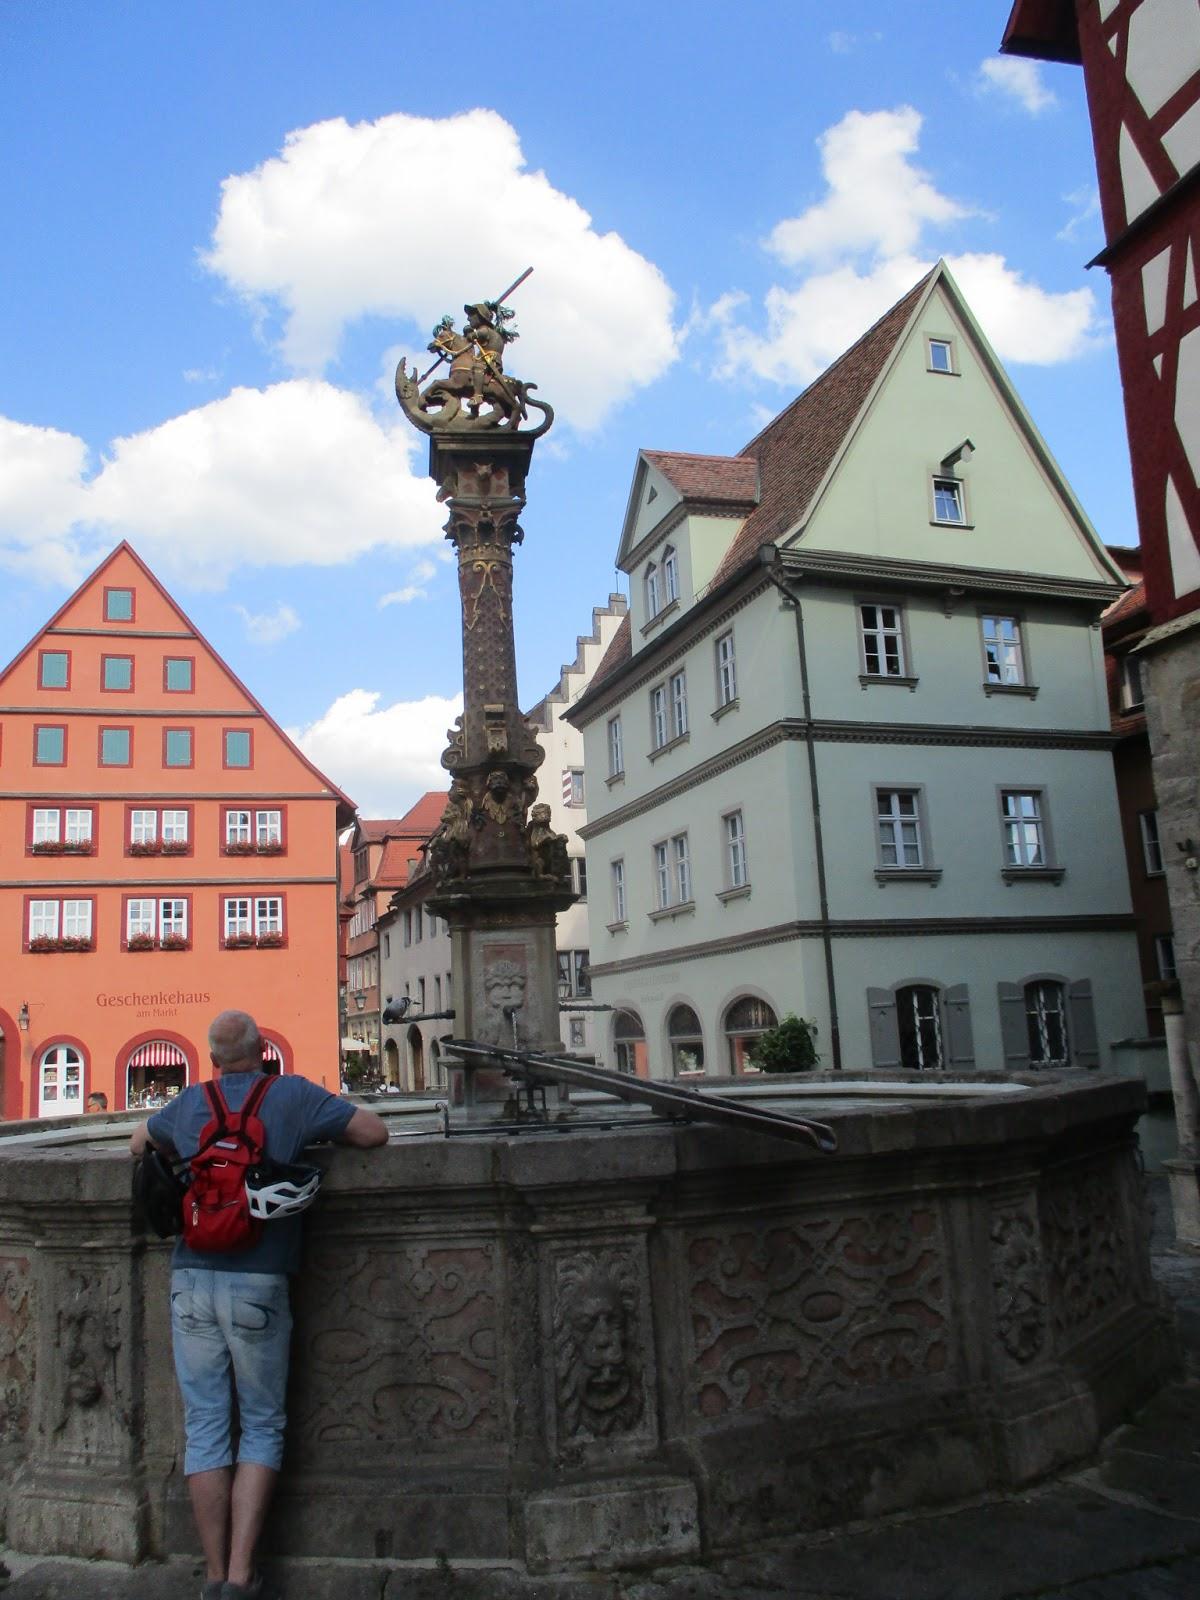 Wetter Rothenburg Ob Der Tauber 14 Tage